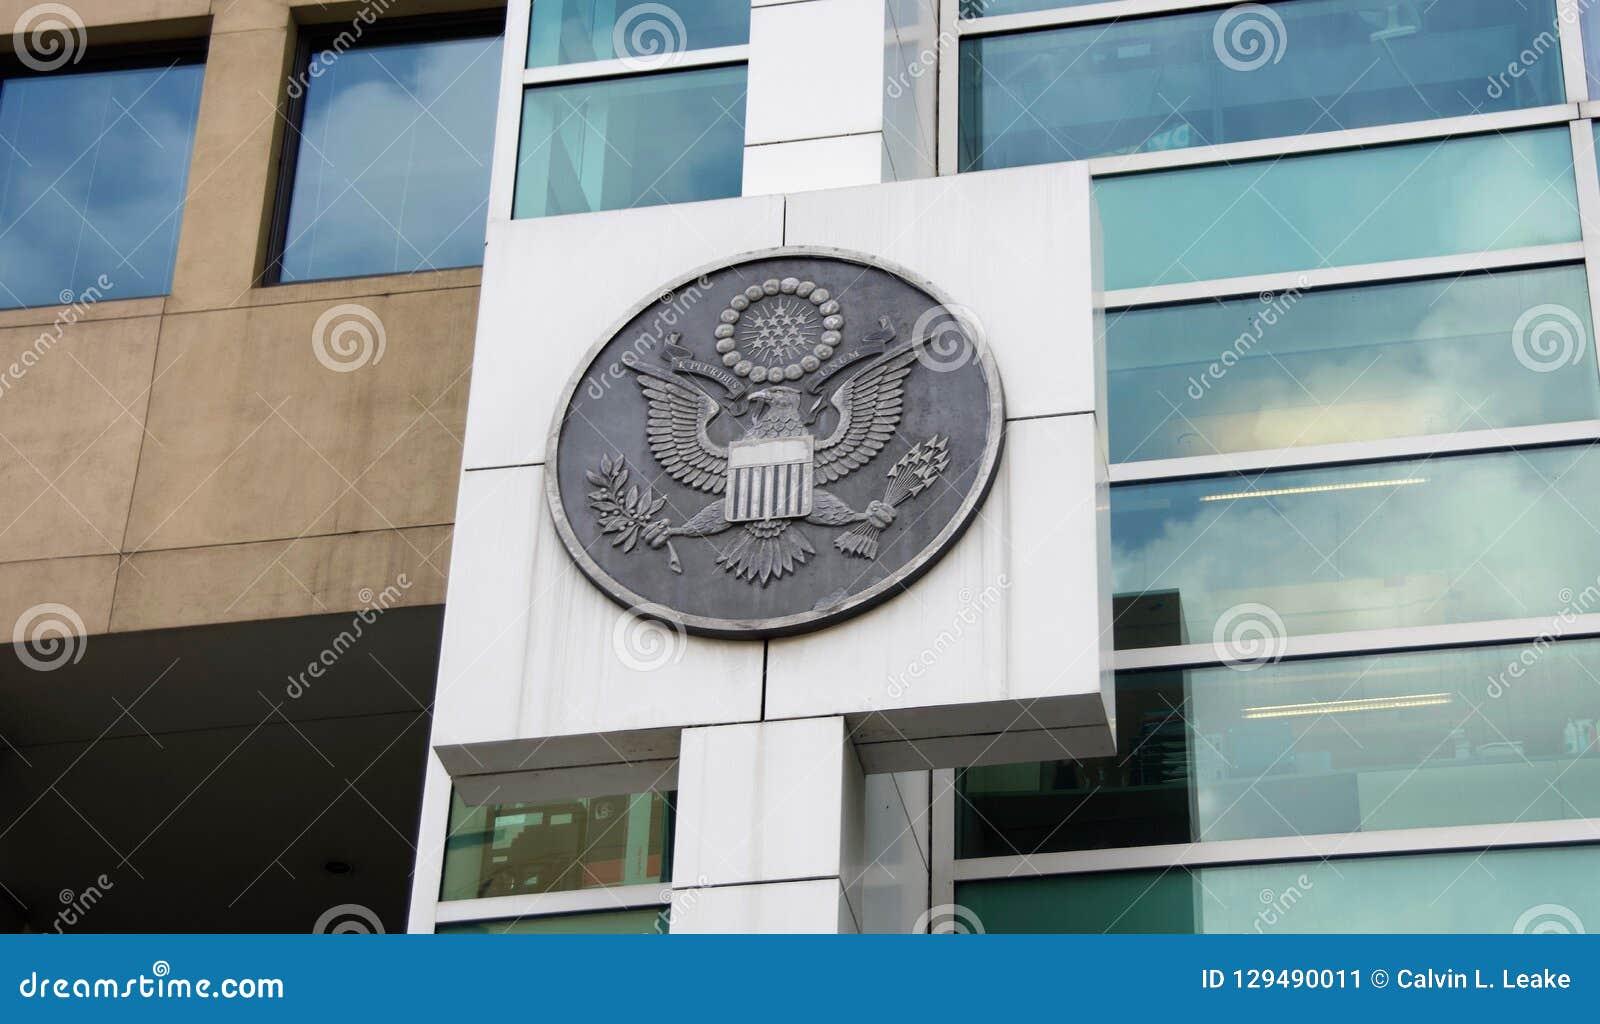 Федеральное правительство уплотнения Соединенных Штатов